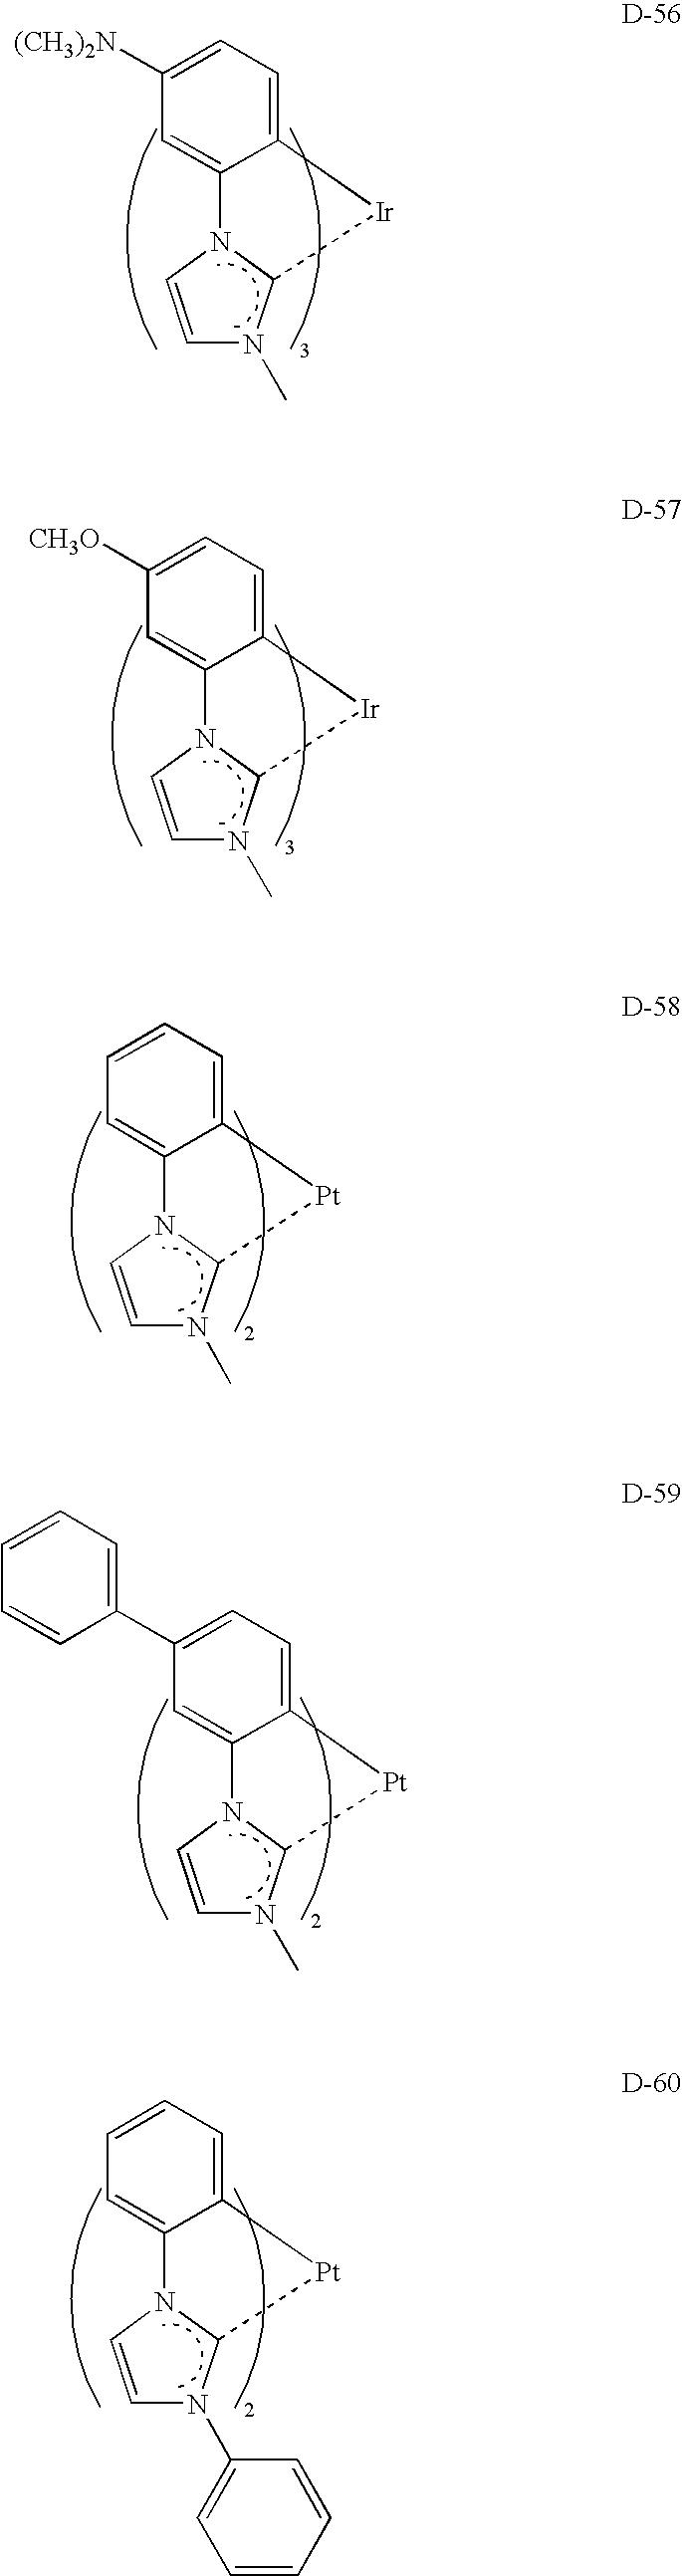 Figure US08053765-20111108-C00031